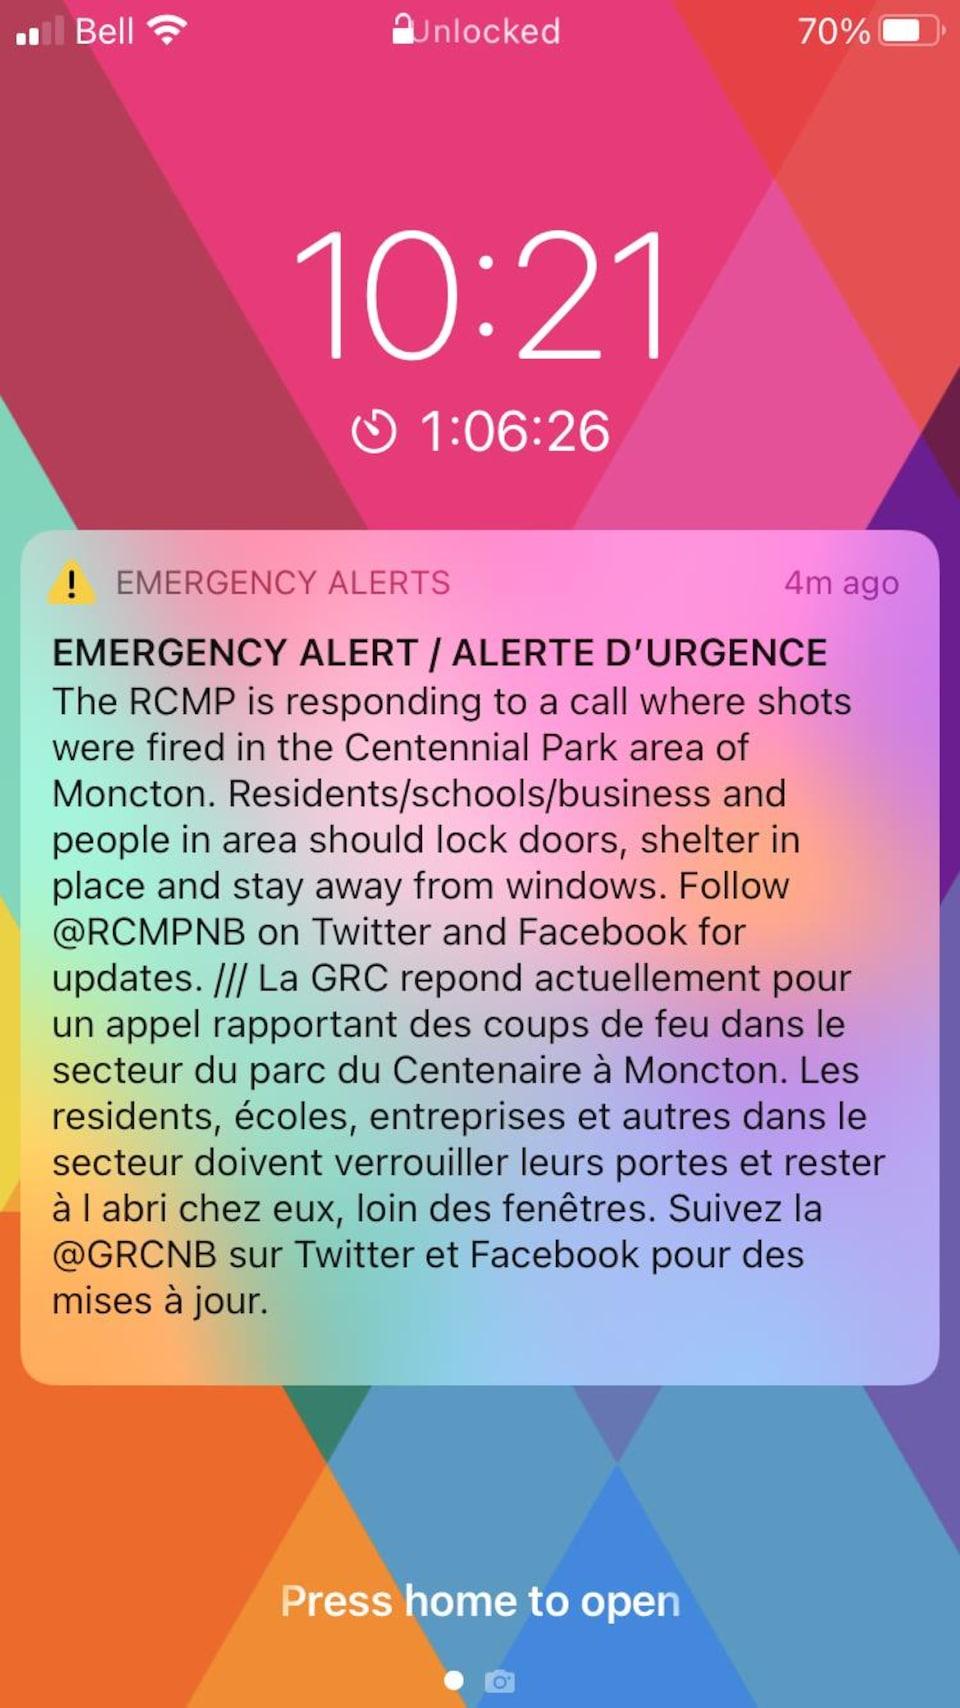 Message en alerte: Les résidents, écoles, entreprises et autres dans le secteur doivent verrouiller leurs portes et rester à l'abri chez eux, loin des fenêtres.